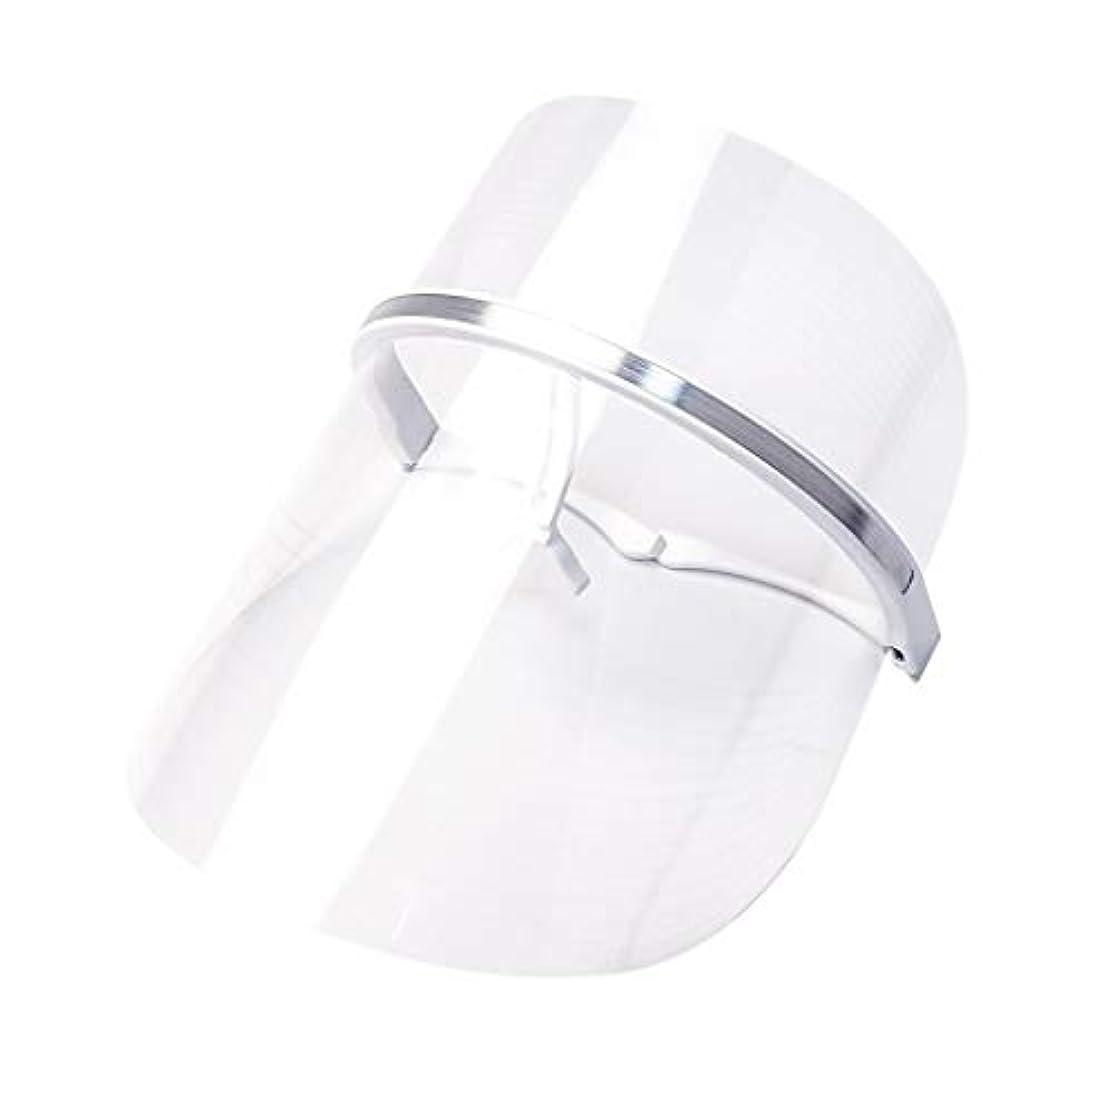 予想する忘れられない宿るライトセラピー?マスク、LEDライトセラピーマスクスキンケアフェイシャルマスクセラピー3色アンチエイジングライトセラピーアクネスキンファーミングディープリペアマスク (Color : Clear)